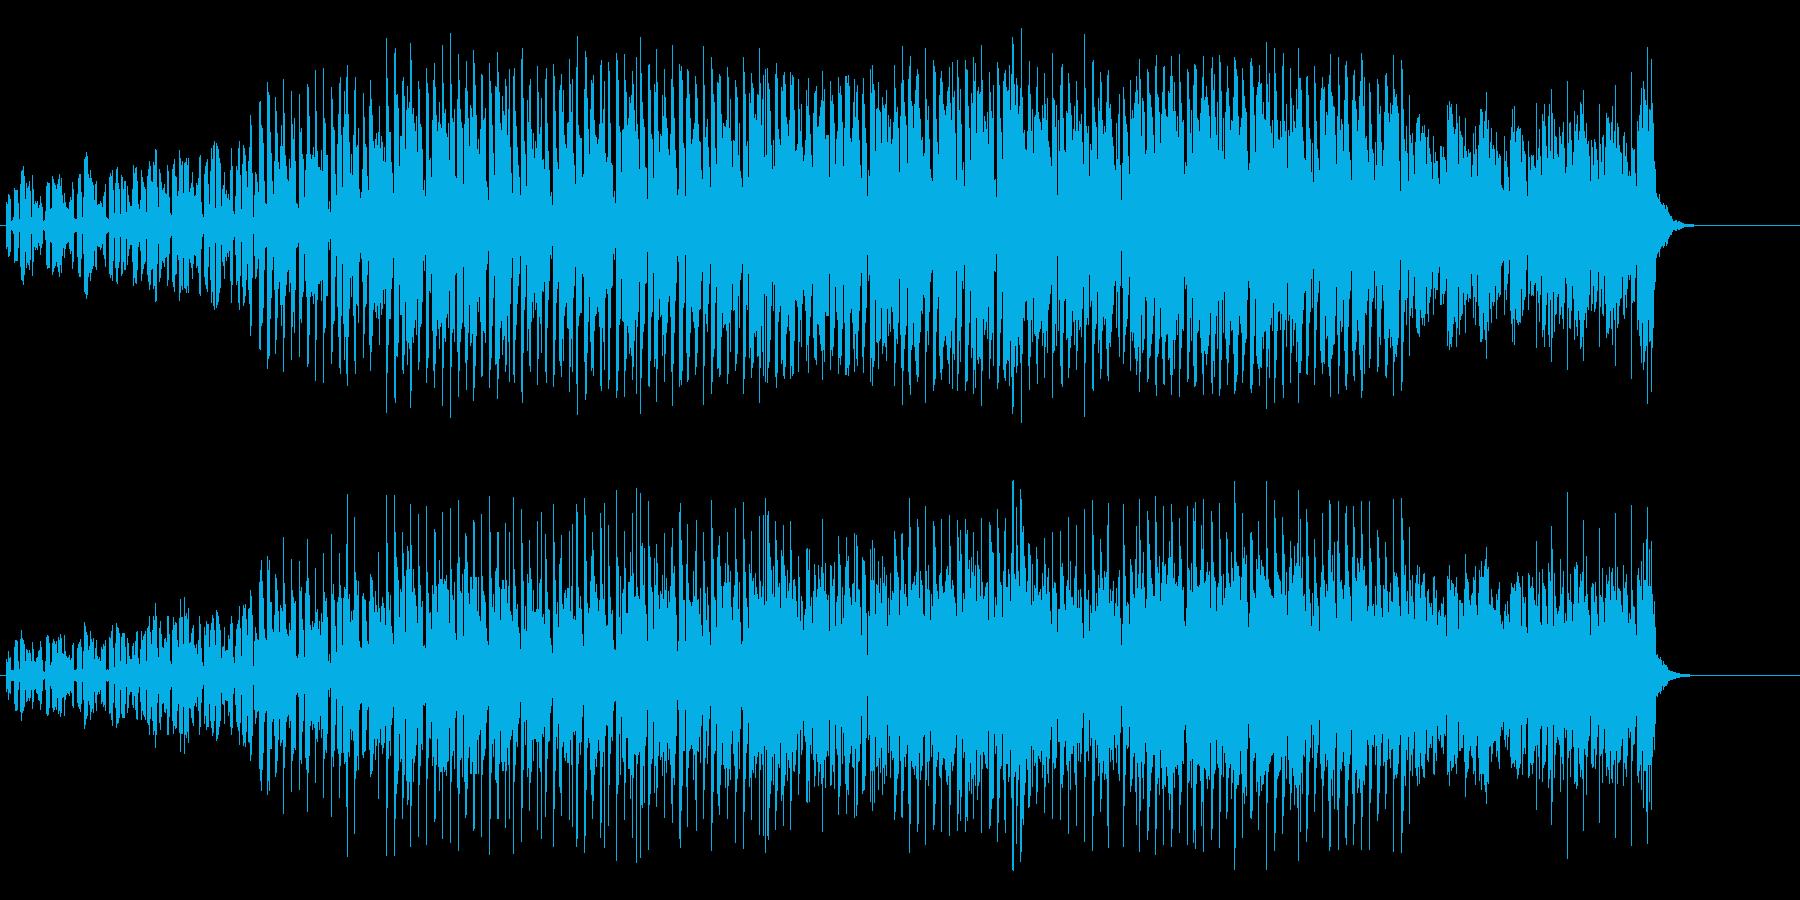 クラブ風マイナー・ポップスの再生済みの波形